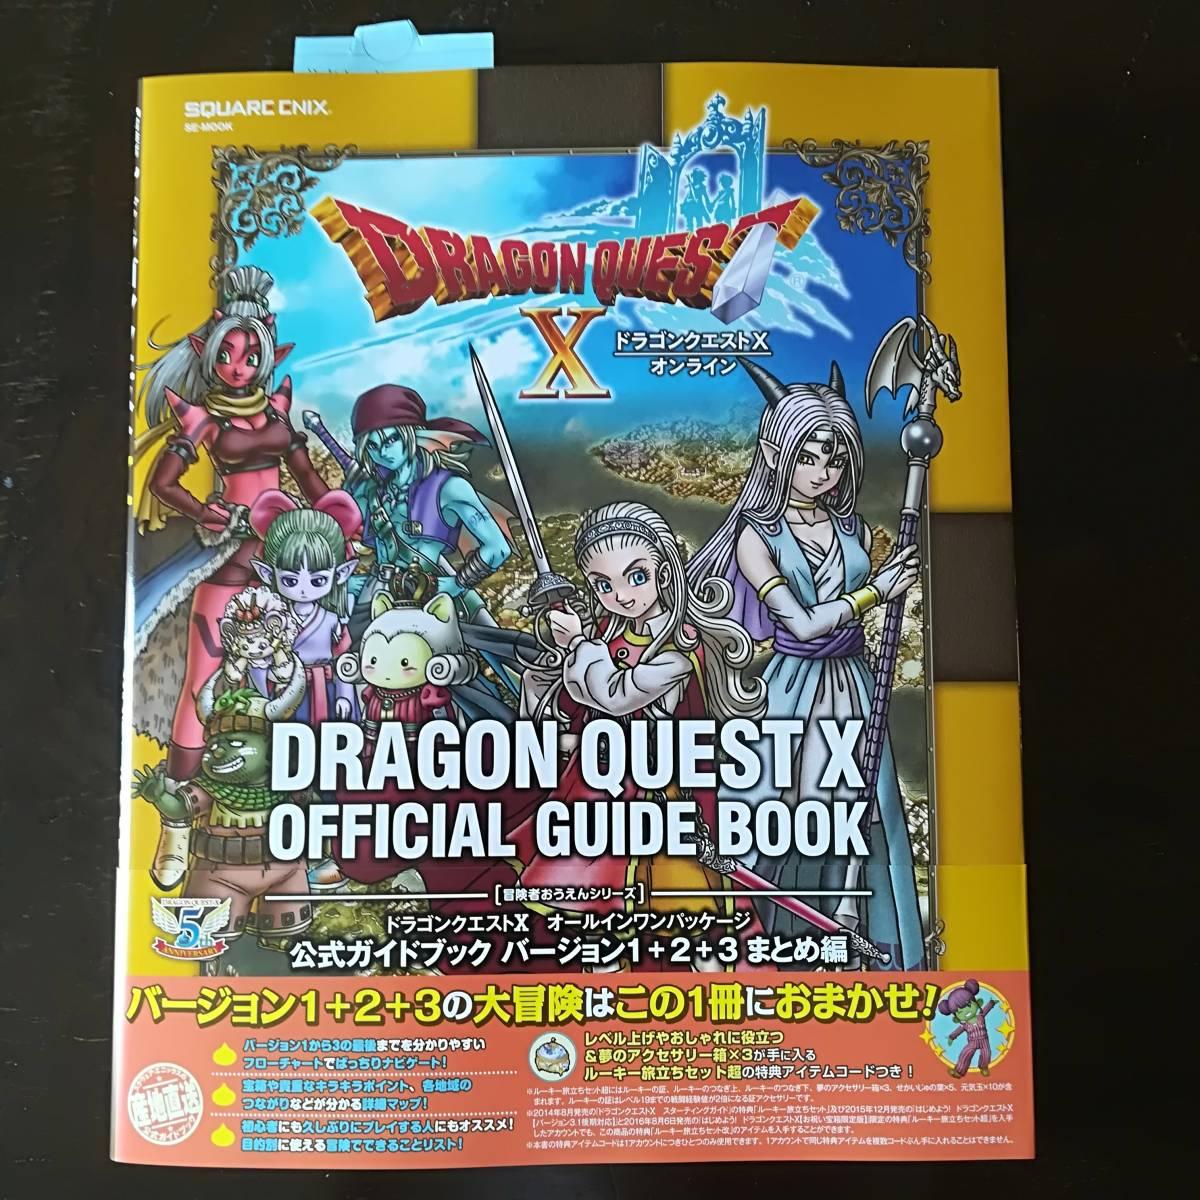 ドラゴンクエスト10 オールインワンパッケージ 公式ガイドブック バージョン1+2+3 まとめ編 送料164円